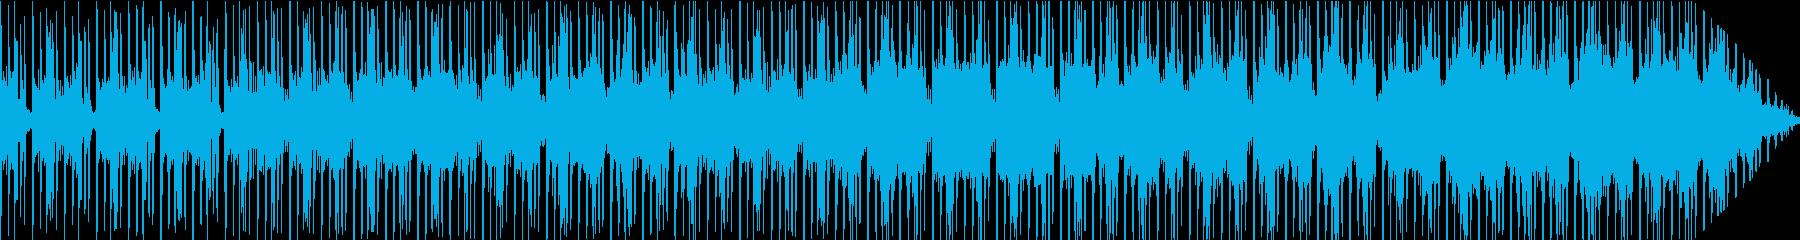 浮遊感のあるゆったりしたテクノの再生済みの波形